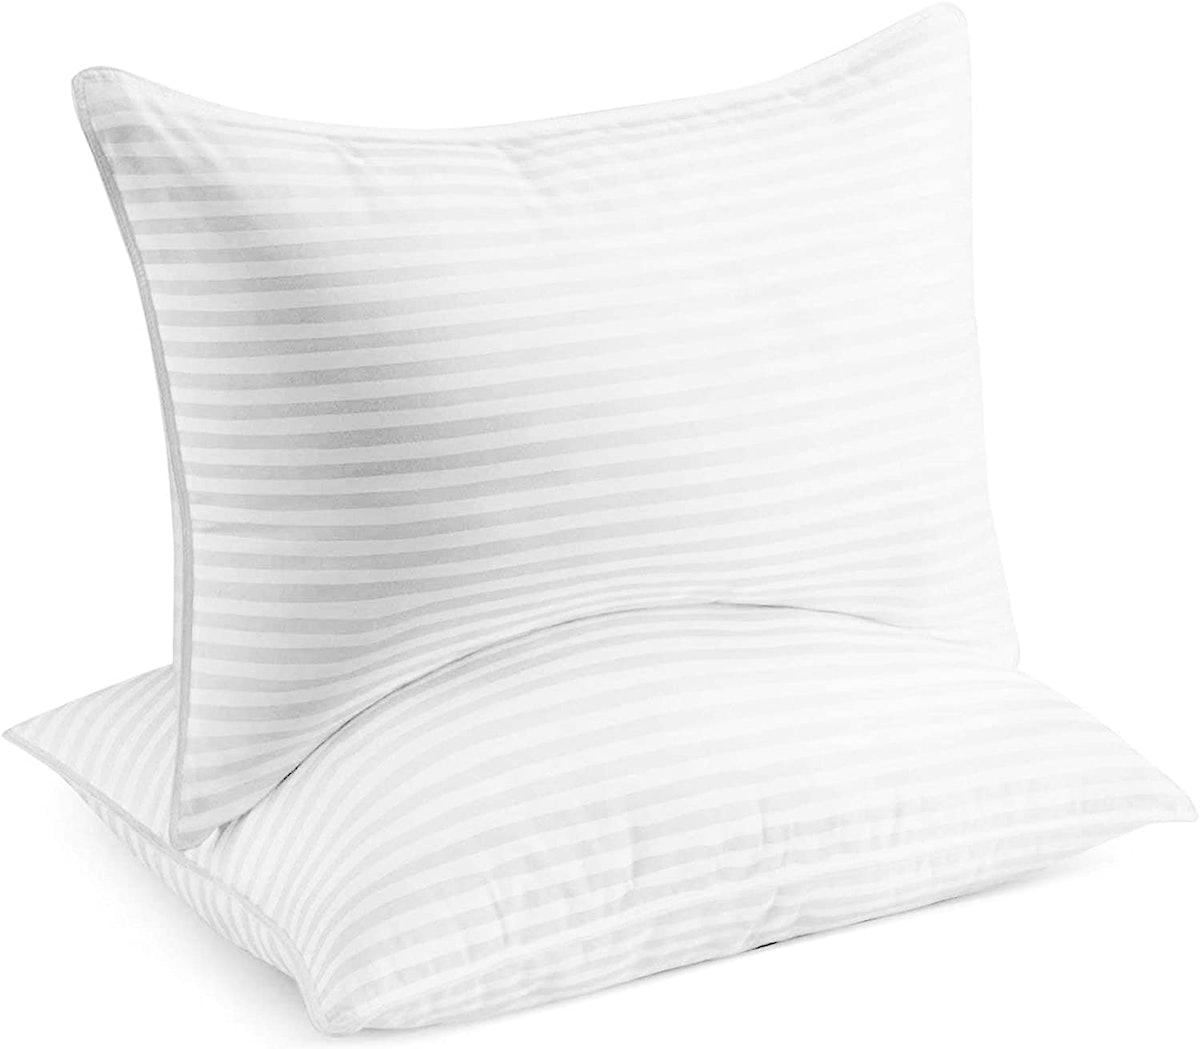 Beckham Hotel Collection Gel Pillow (Set of 2)